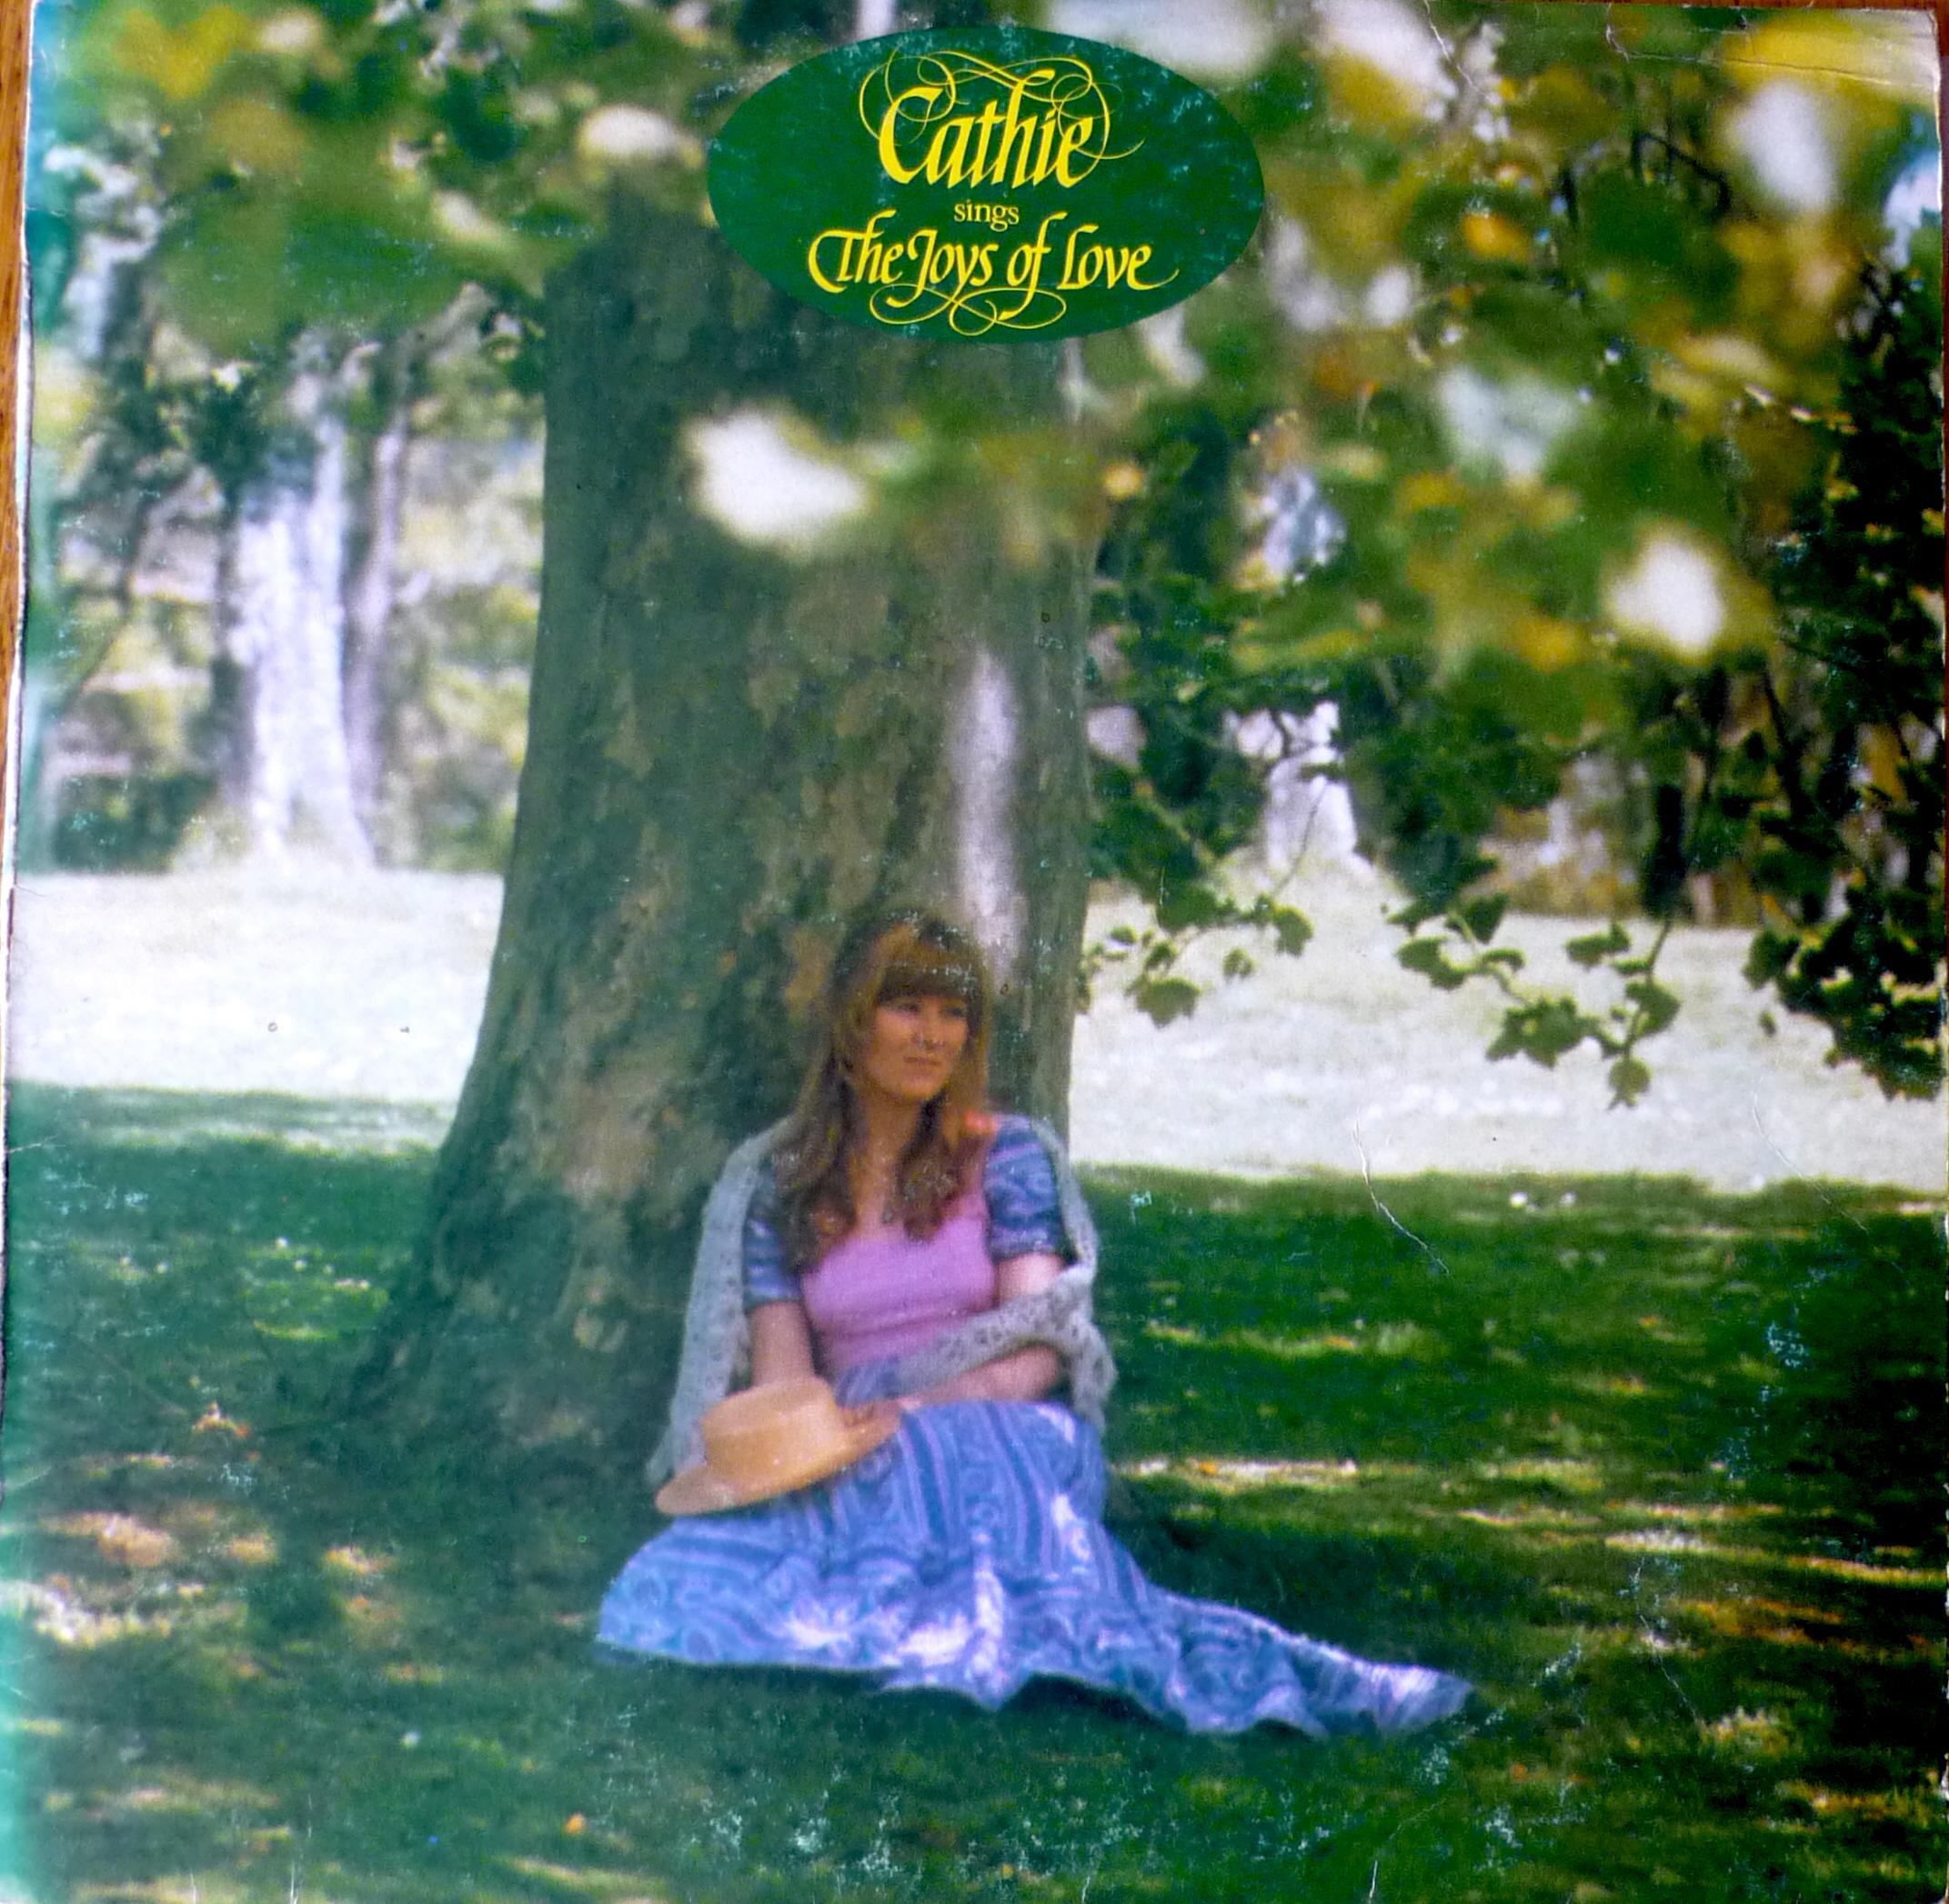 Cathie Harrop - The Joys of Love